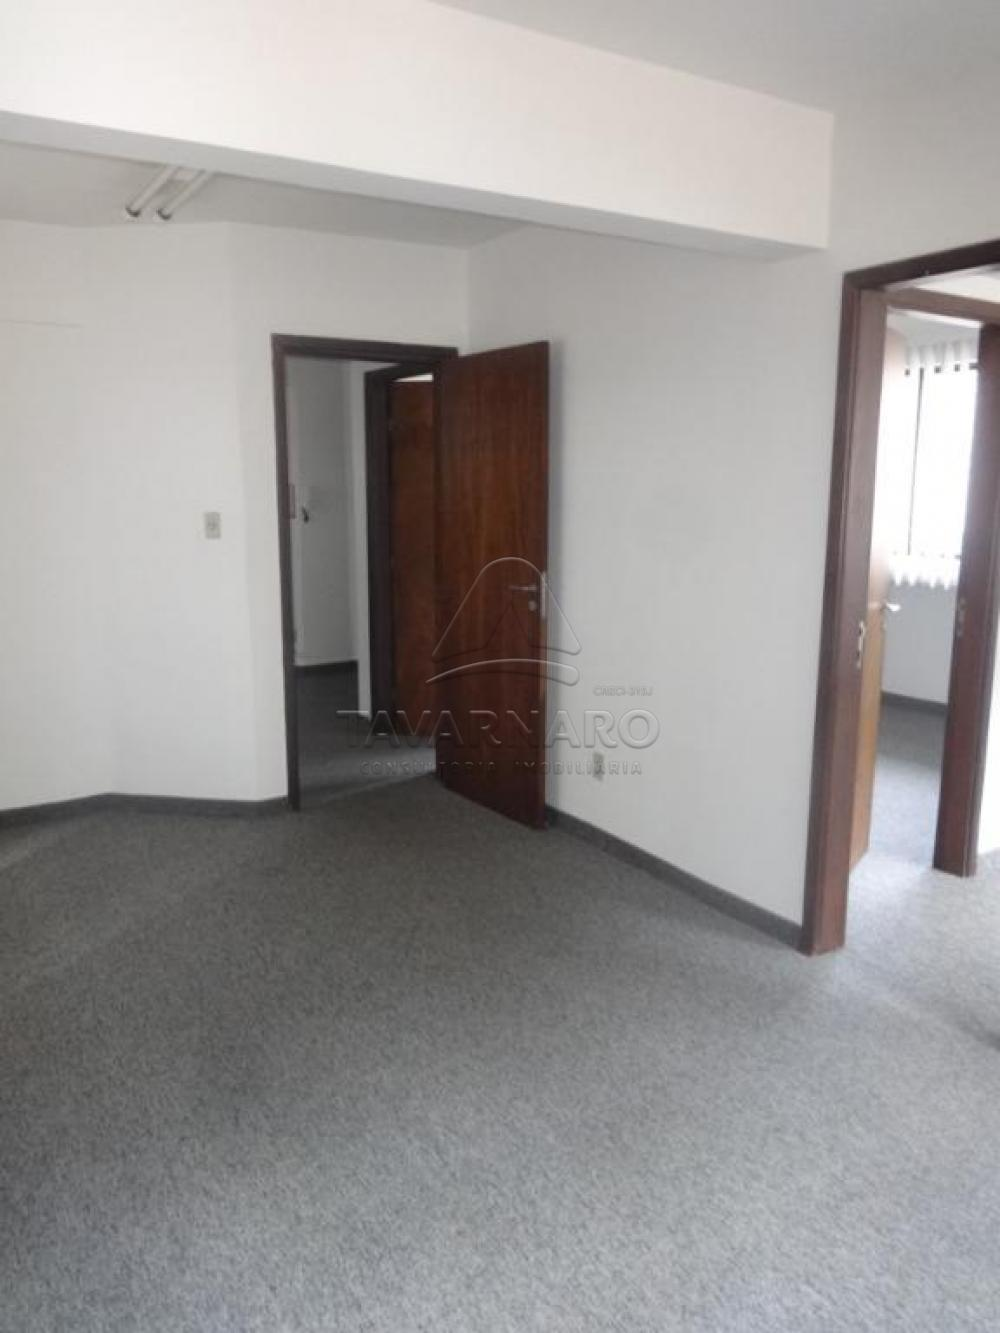 Comprar Comercial / Conjunto em Ponta Grossa apenas R$ 220.000,00 - Foto 6